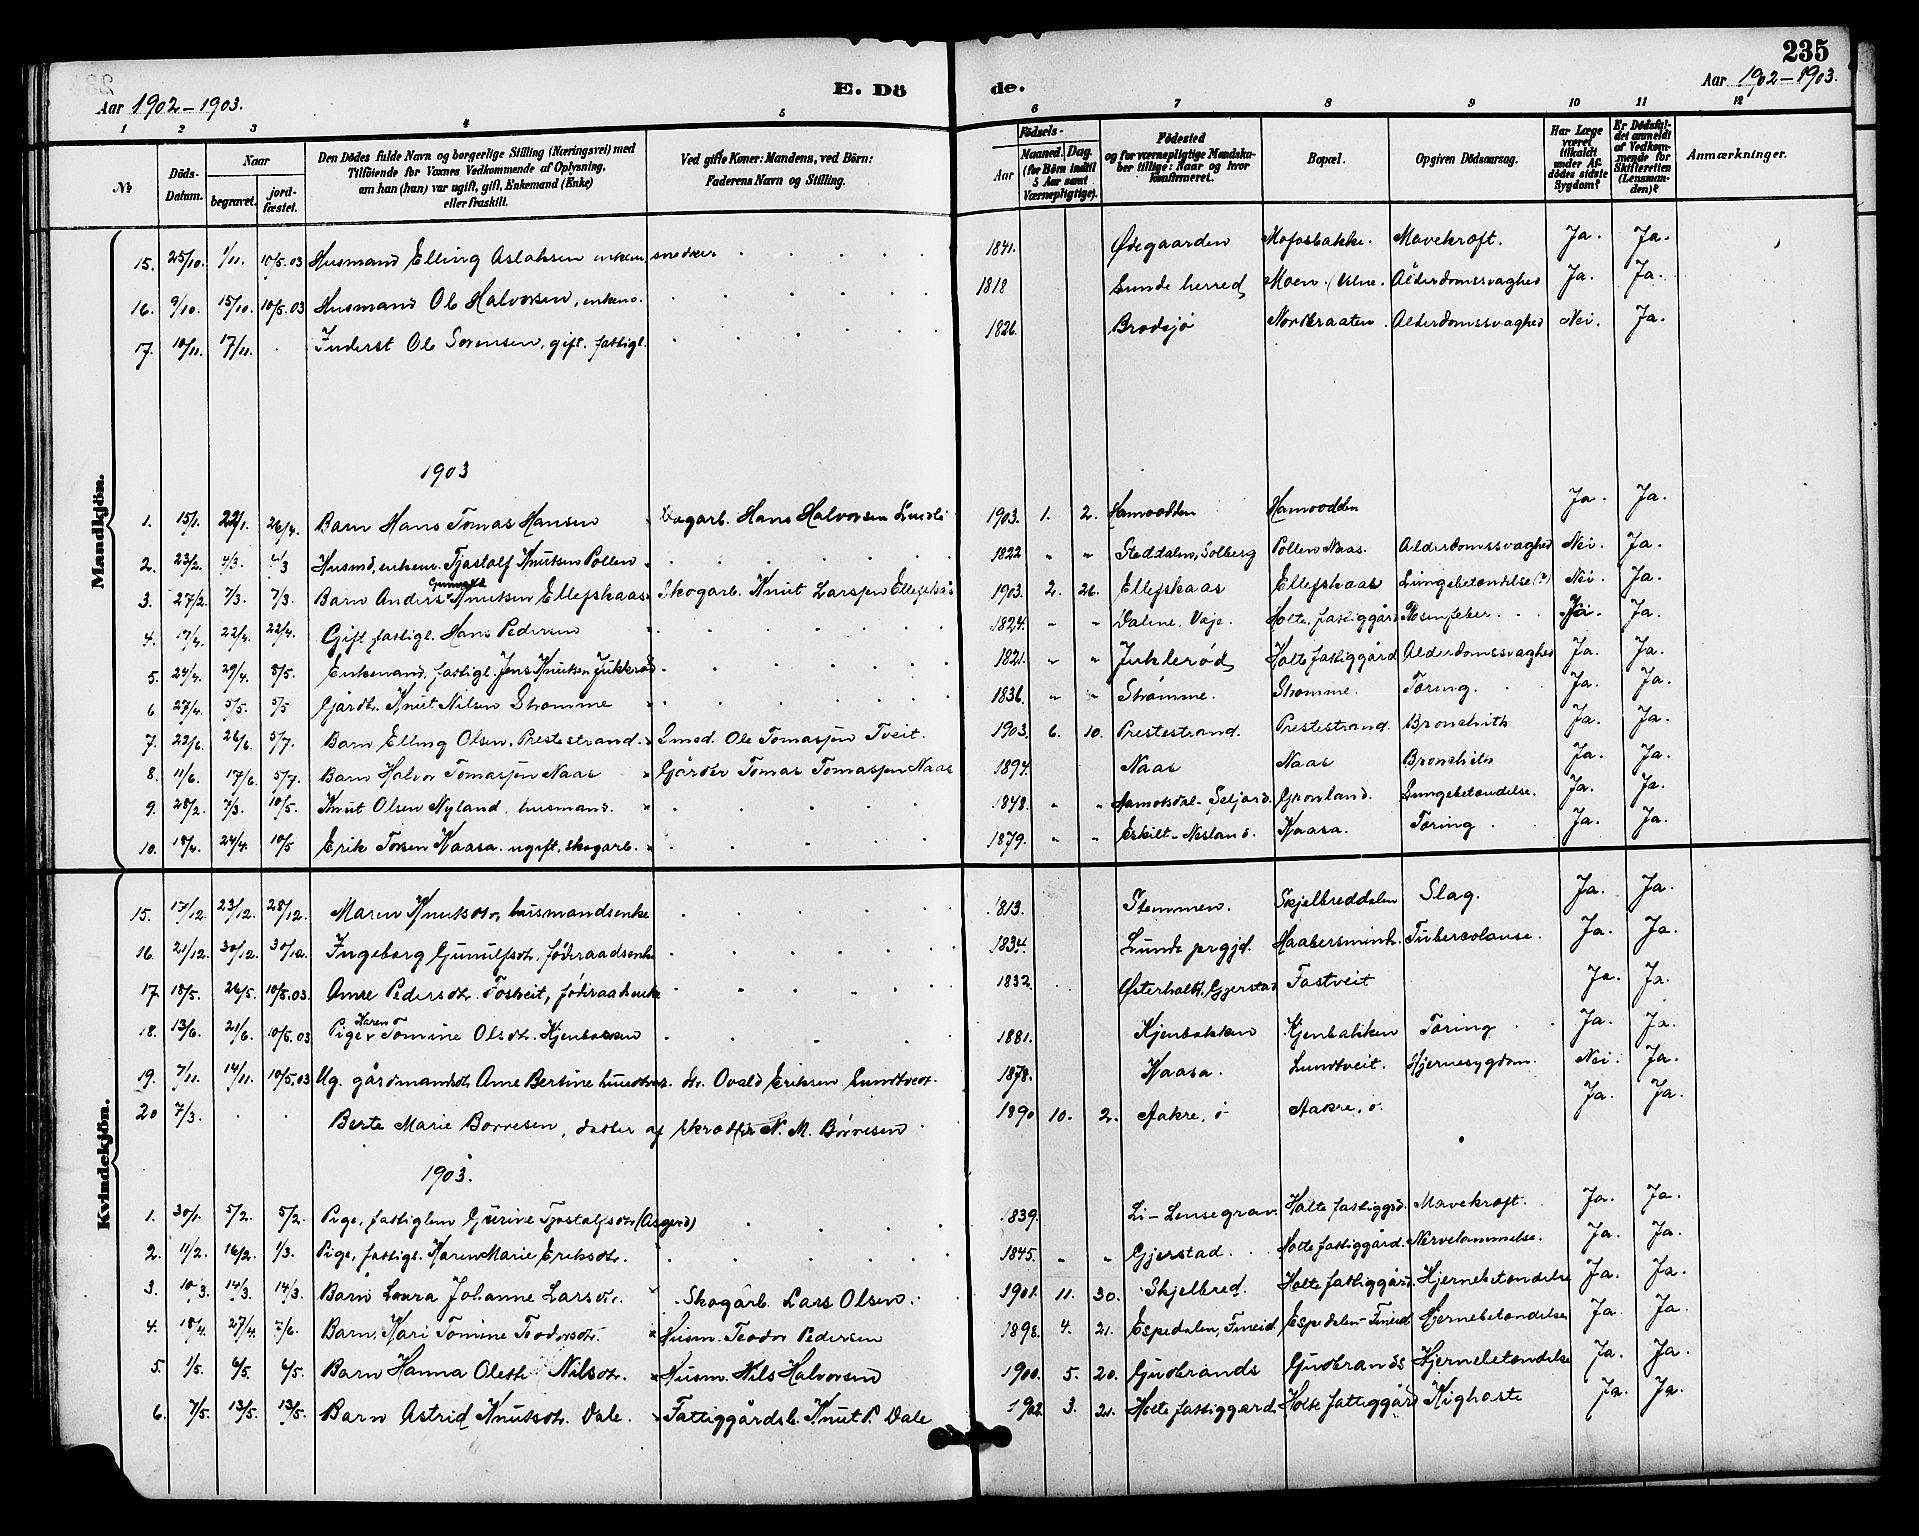 SAKO, Drangedal kirkebøker, G/Ga/L0003: Klokkerbok nr. I 3, 1887-1906, s. 235